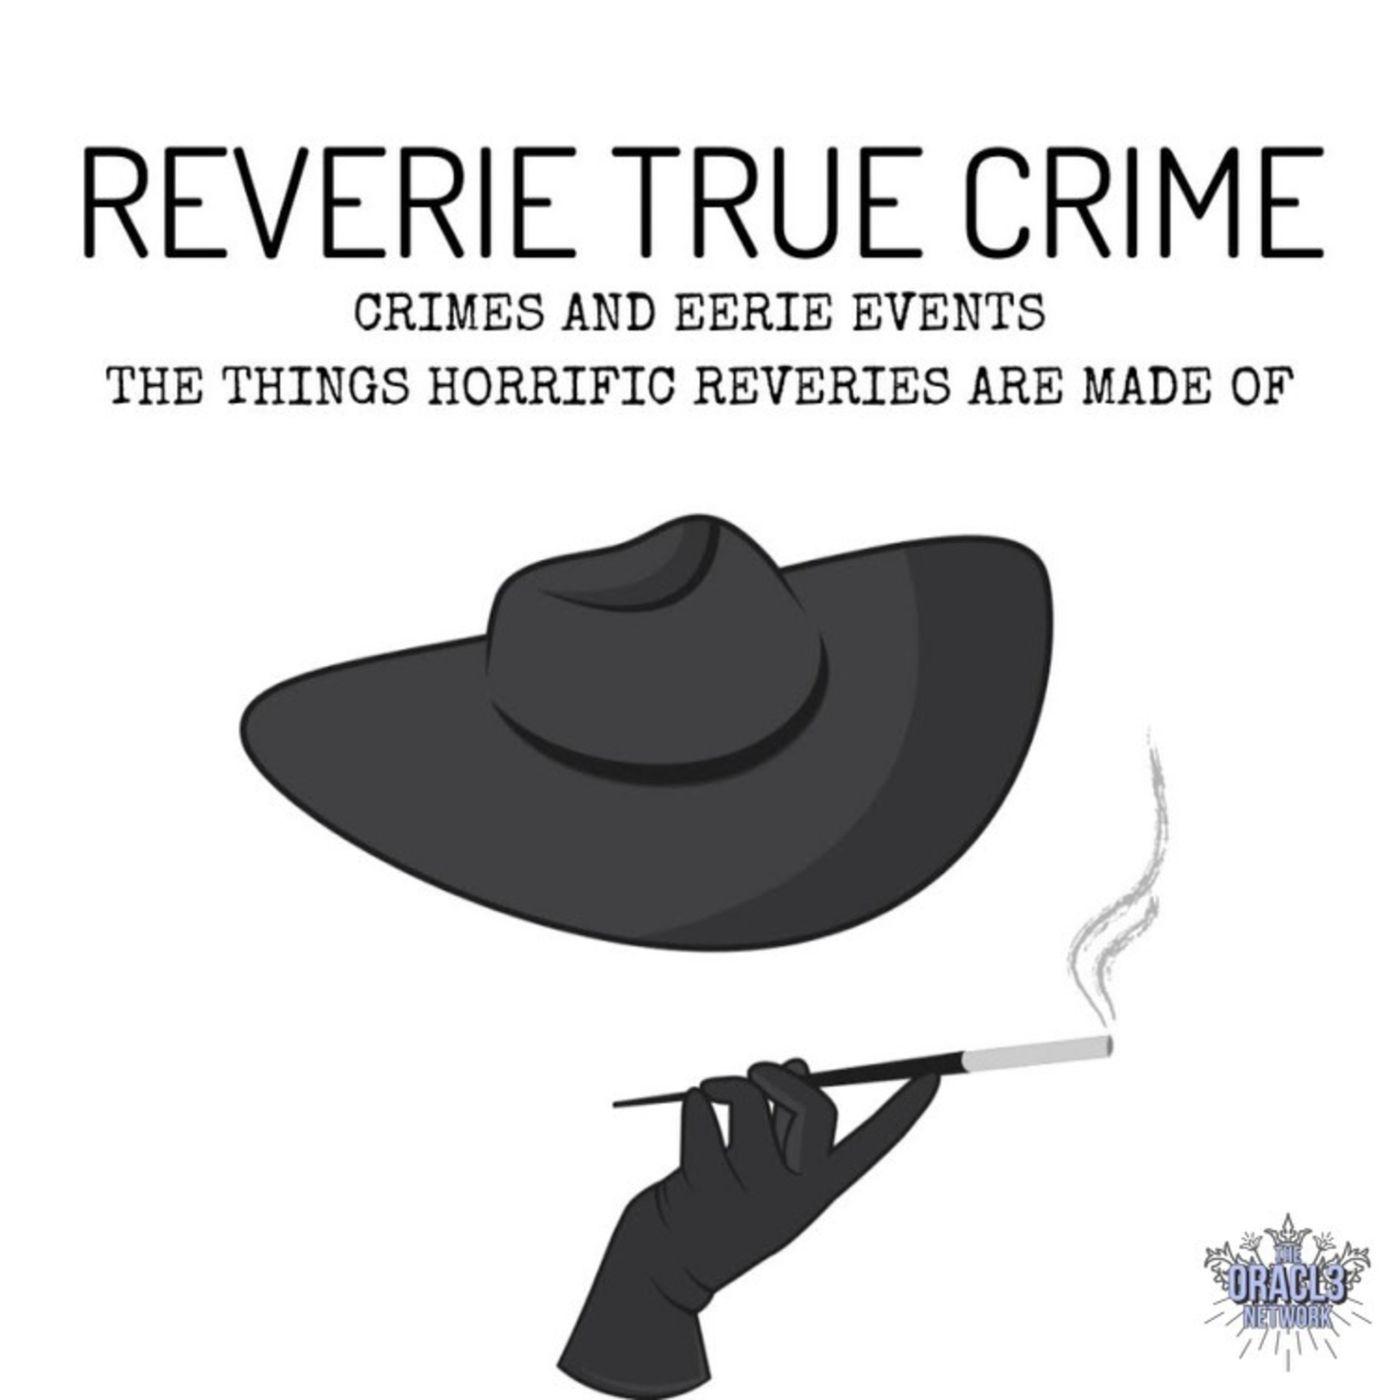 reverie true crime podcast cover